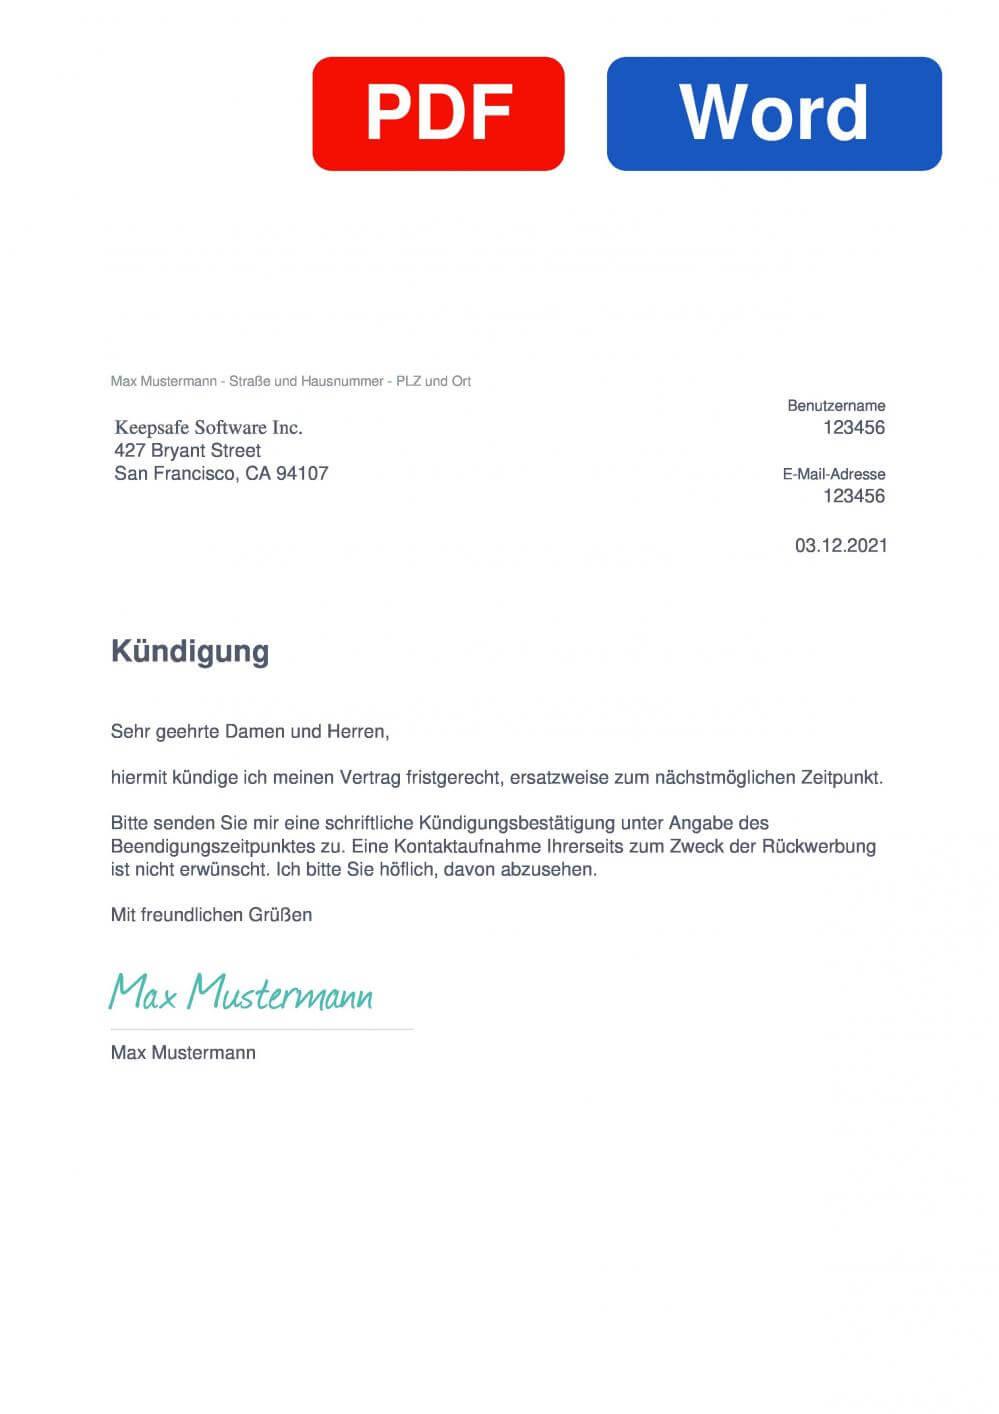 Keepsafe Muster Vorlage für Kündigungsschreiben